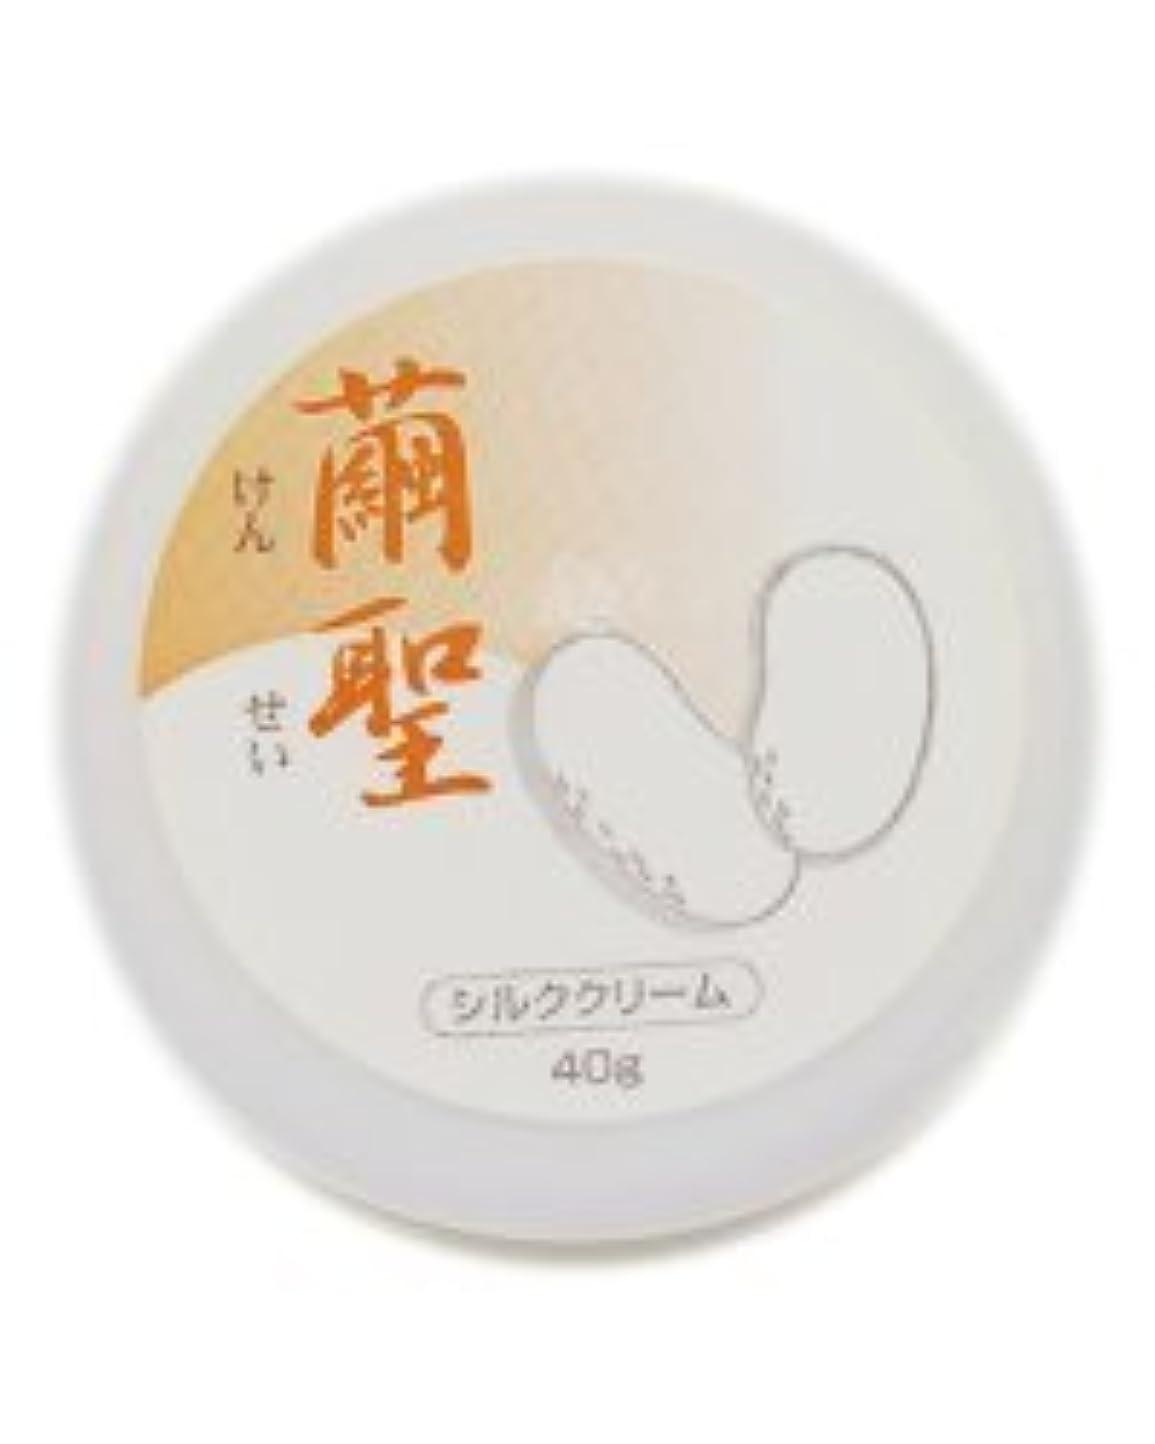 堀有害差し控える〔ラヴィドール〕絹夢物語 繭聖(けんせい) 40g